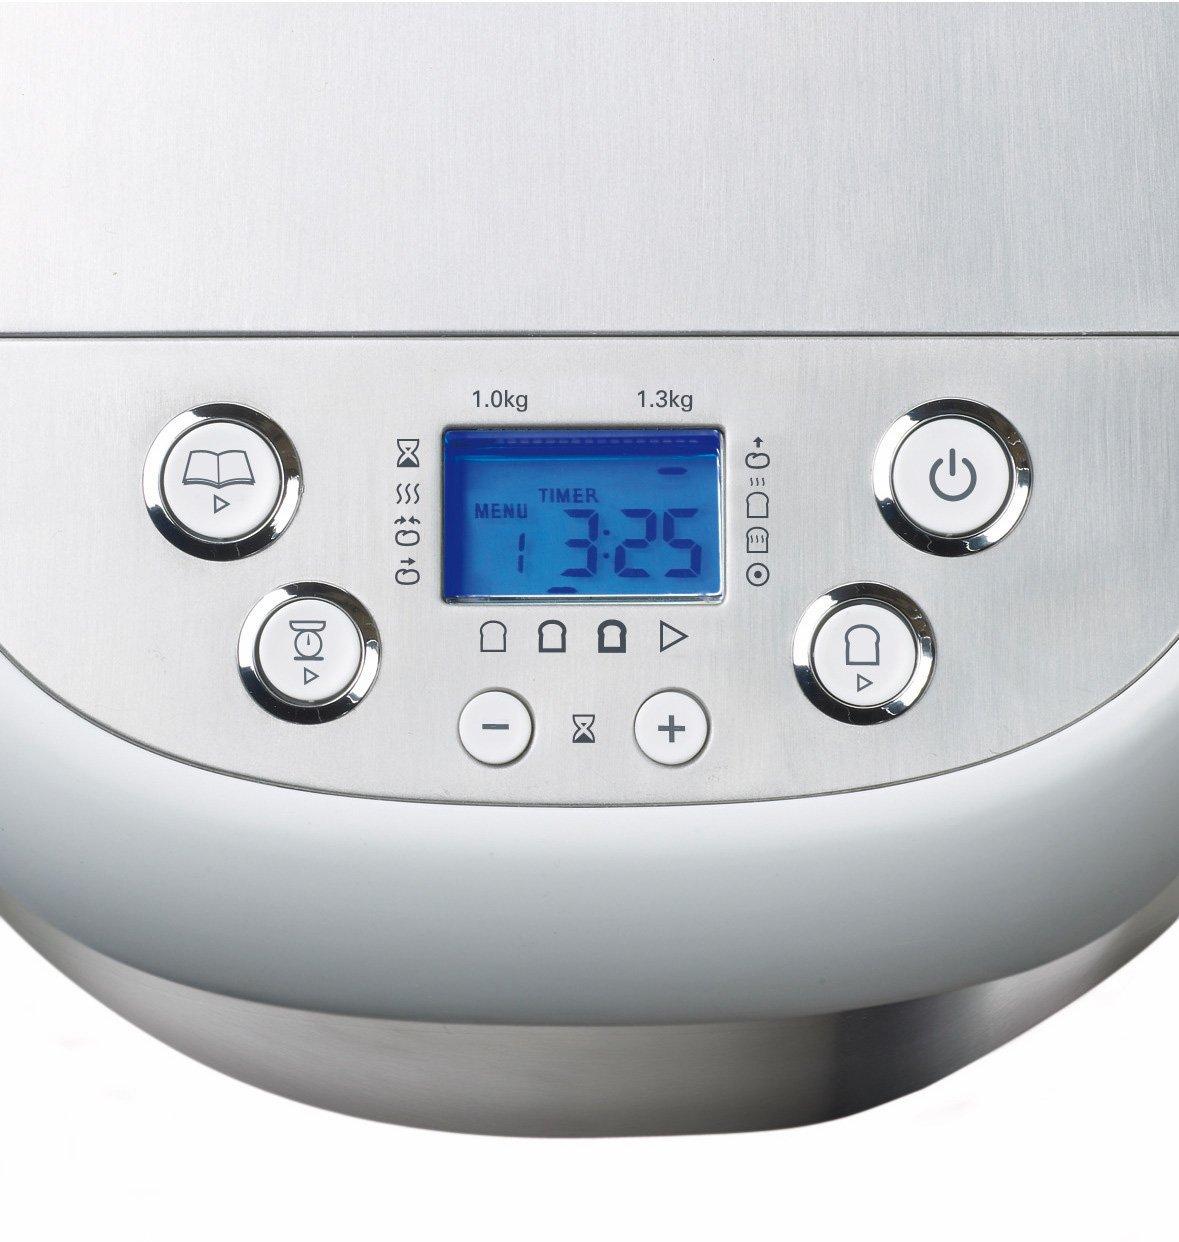 Kenwood 0WBM900002 Family - Máquina para hacer pan (950 W, 1,5 kg): Amazon.es: Hogar